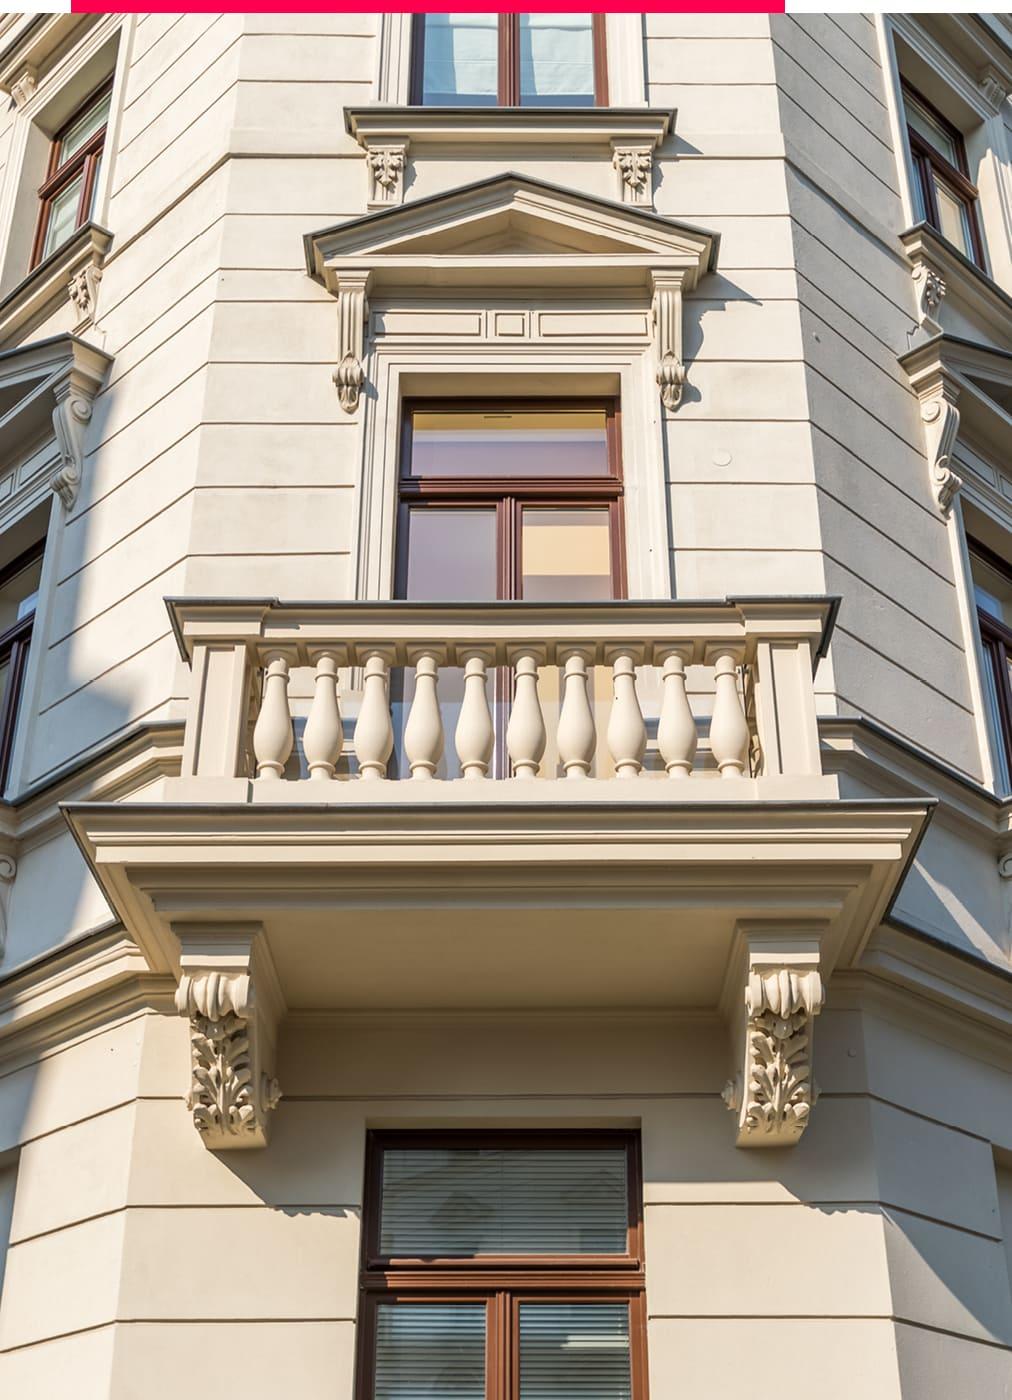 Altbauimmobilie mit Balkon in Leipzig.